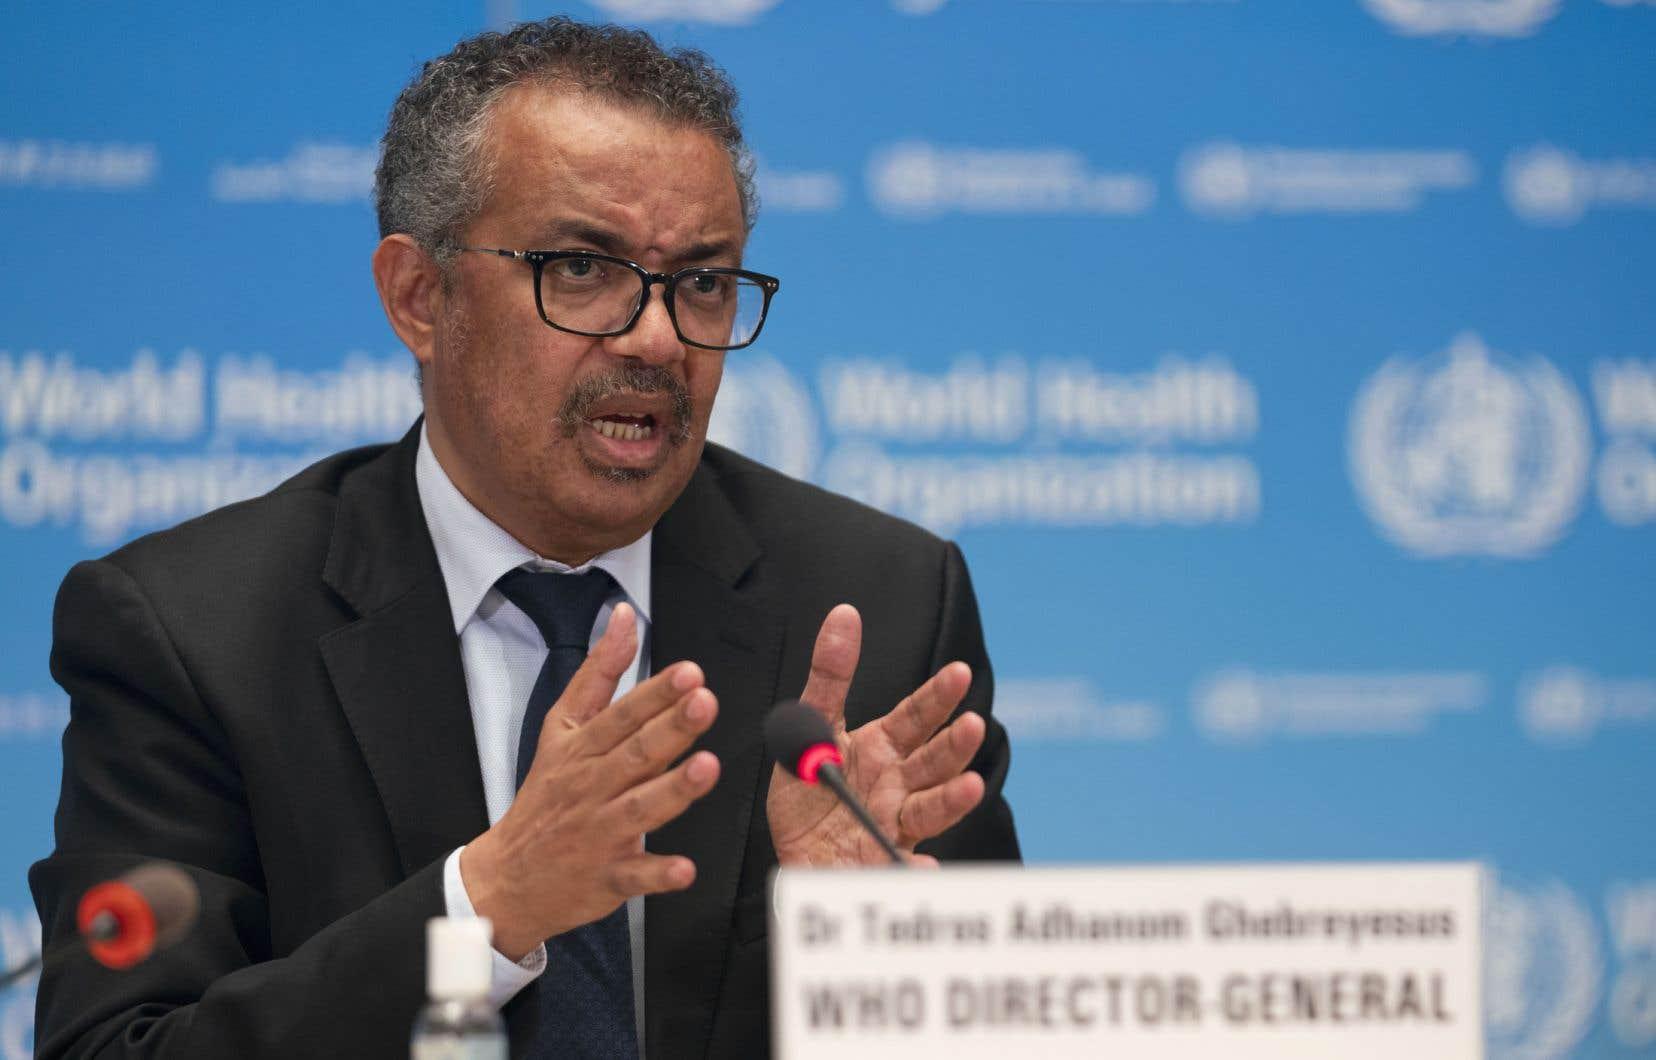 «60% de tous les cas de COVID-19 recensés jusqu'à présent ont été signalés au cours du mois dernier», a souligné le directeur général de l'OMS, Tedros Adhanom Ghebreyesus.